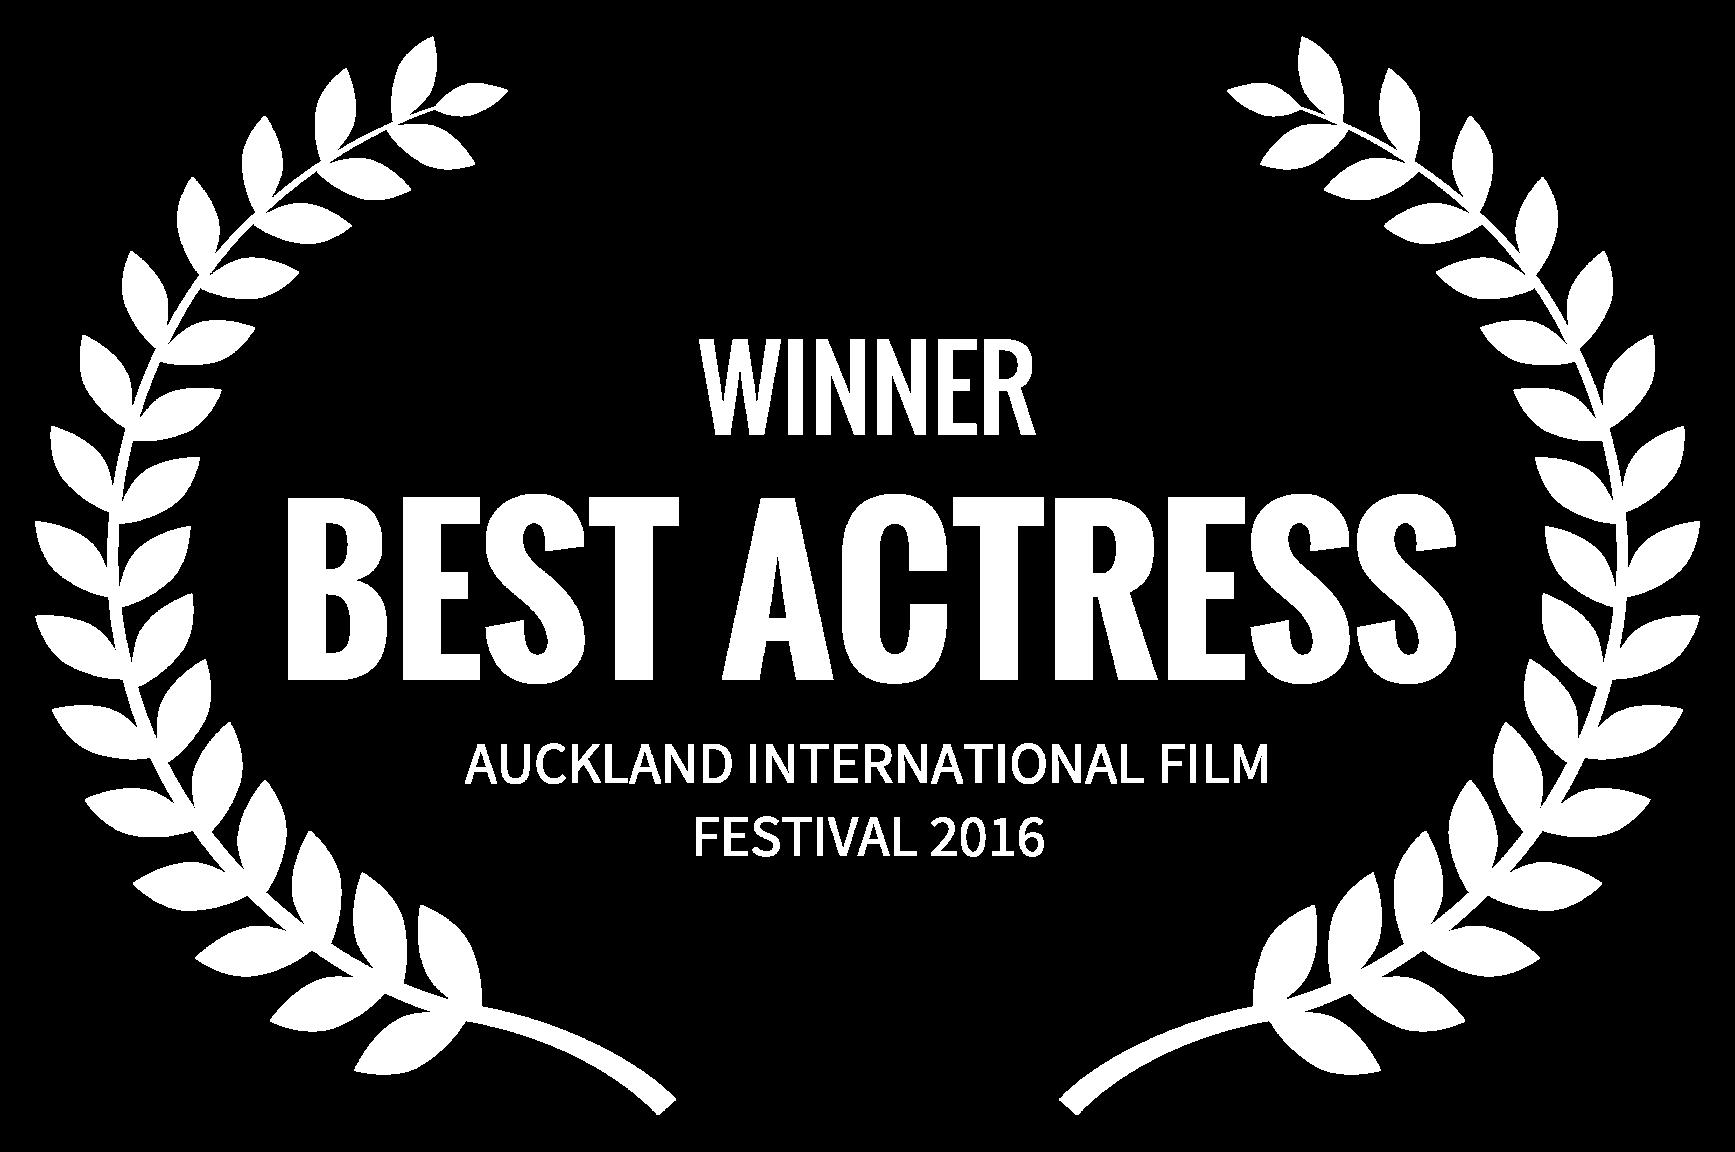 WINNER - BEST ACTRESS - AUCKLAND INTERNATIONAL FILM FESTIVAL 2016 (1).png